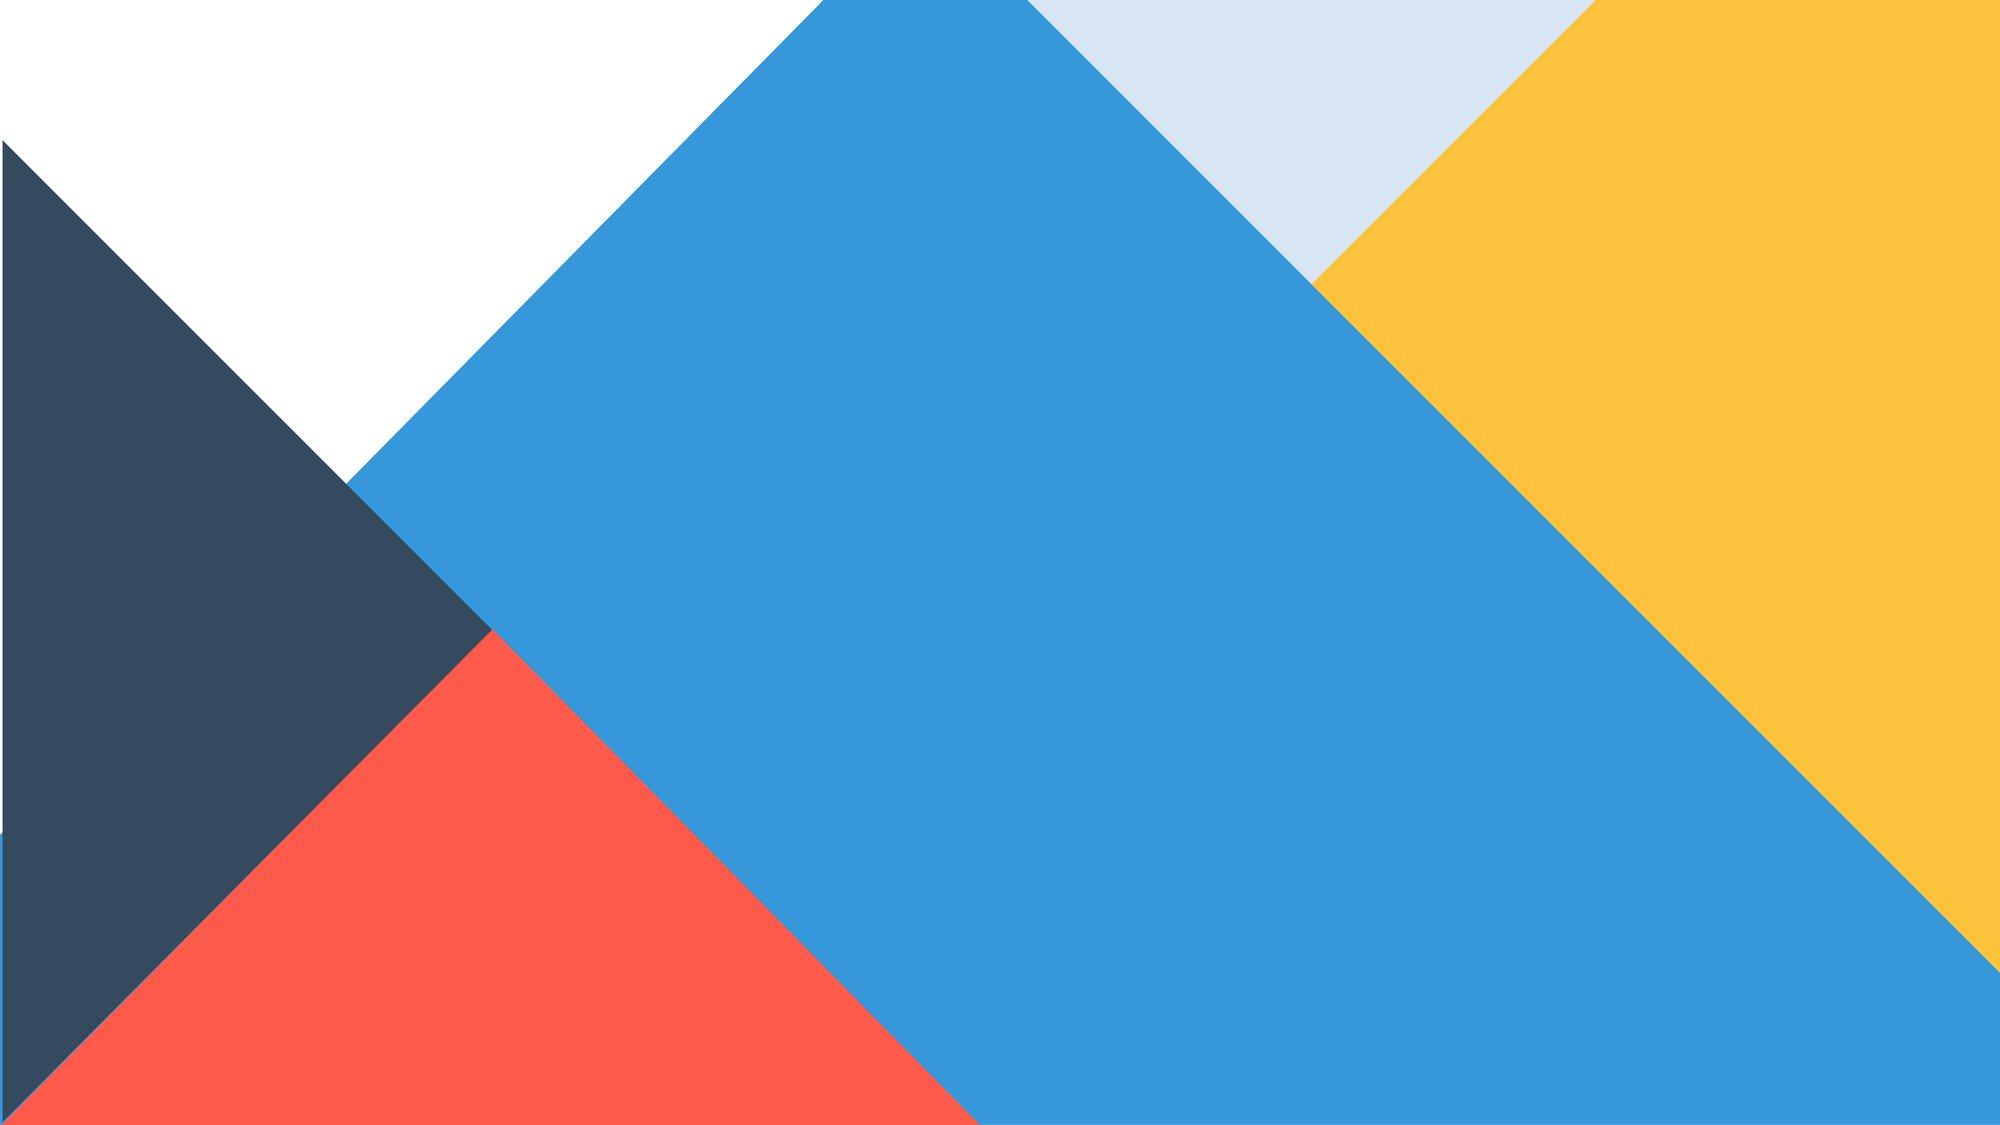 Онлайн семинары и выступления от экспертов. Обзоры новых продуктов и решений. Центр онлайн-консультаций. Круглые столы, дискуссии и конференции